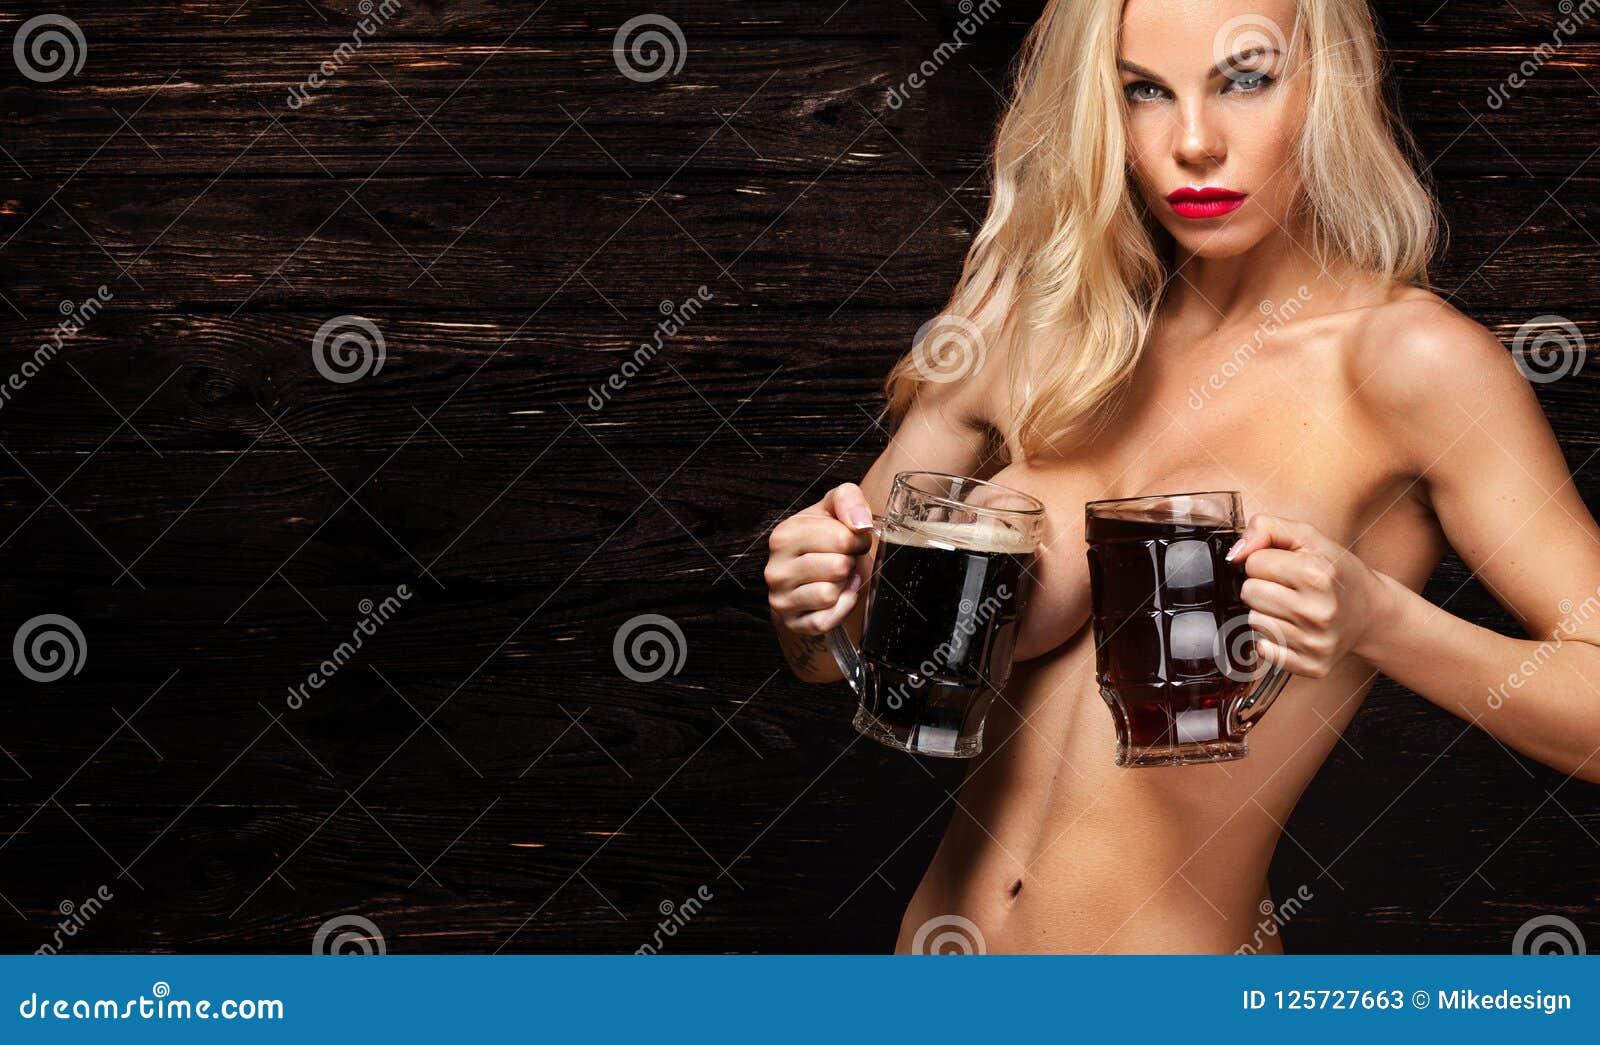 Amateur latina nude naked